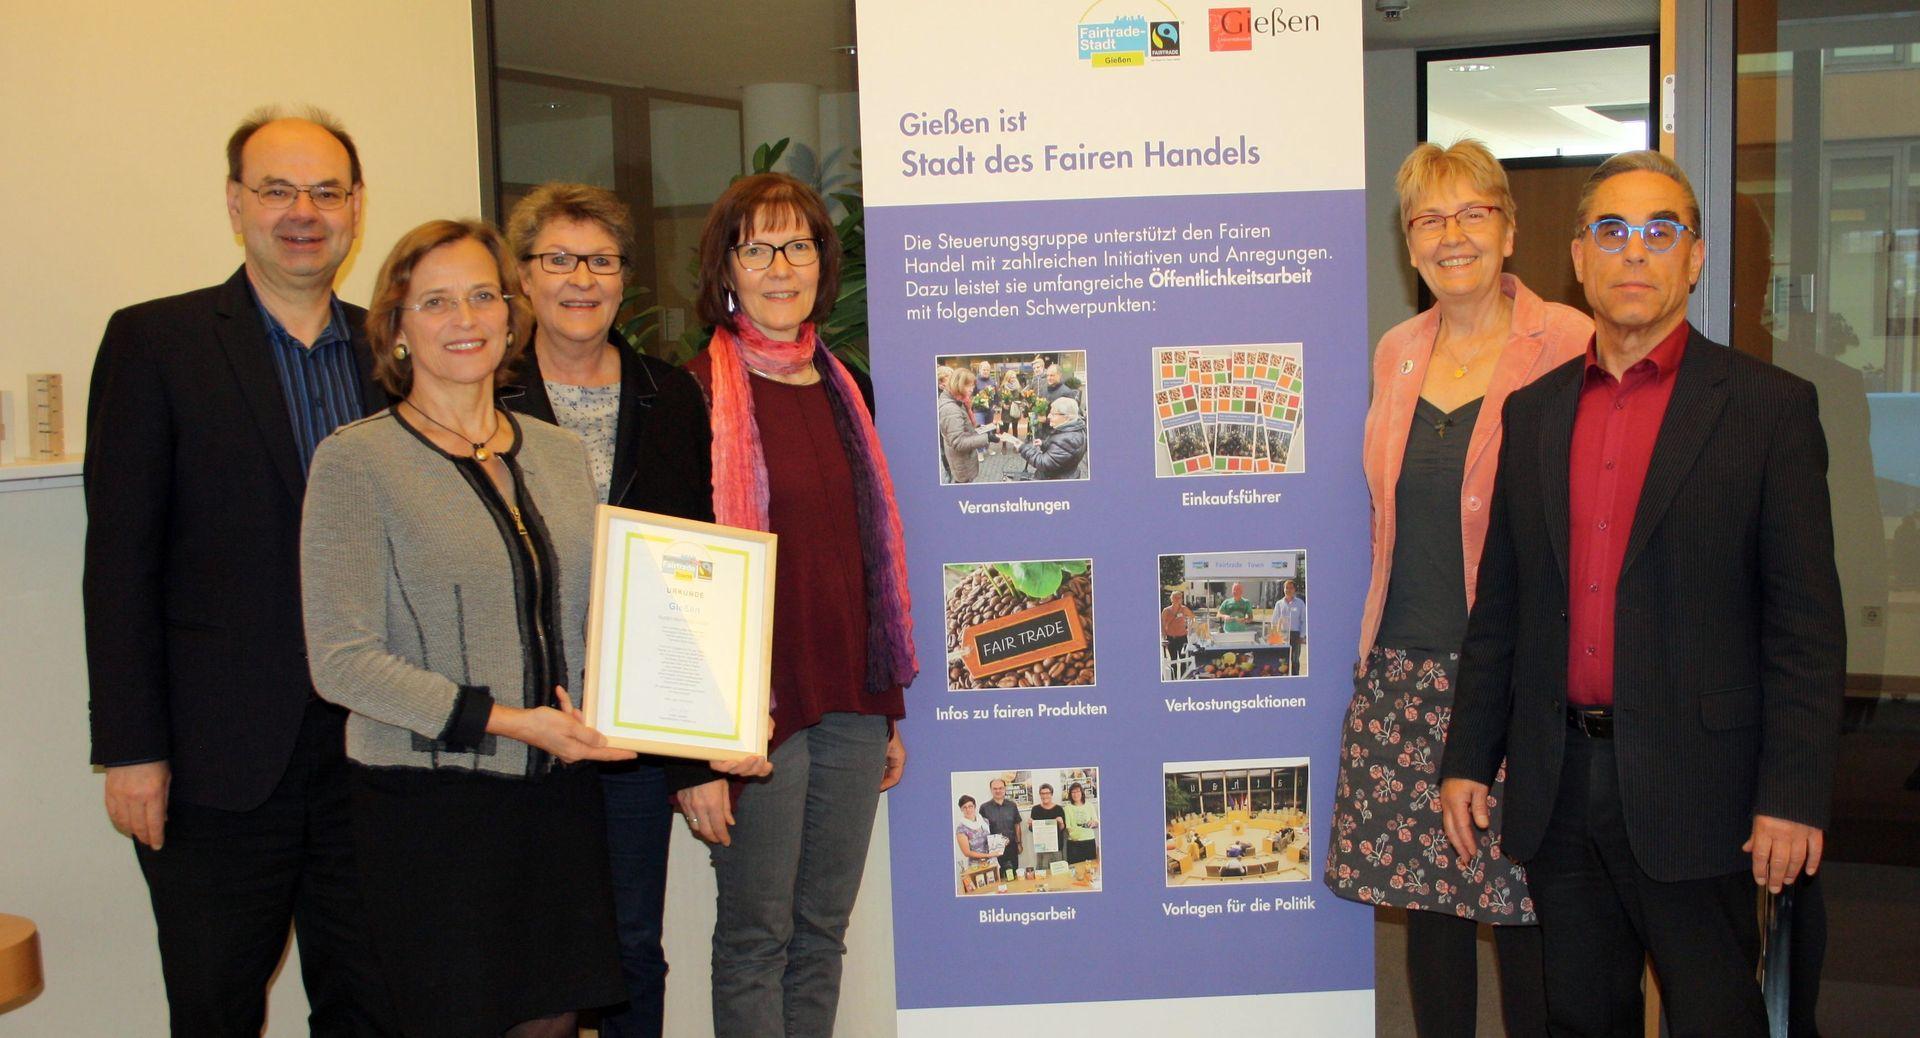 Gruppenbild beim Pressetermin zur Fairtrrade-Stadt im Rathaus